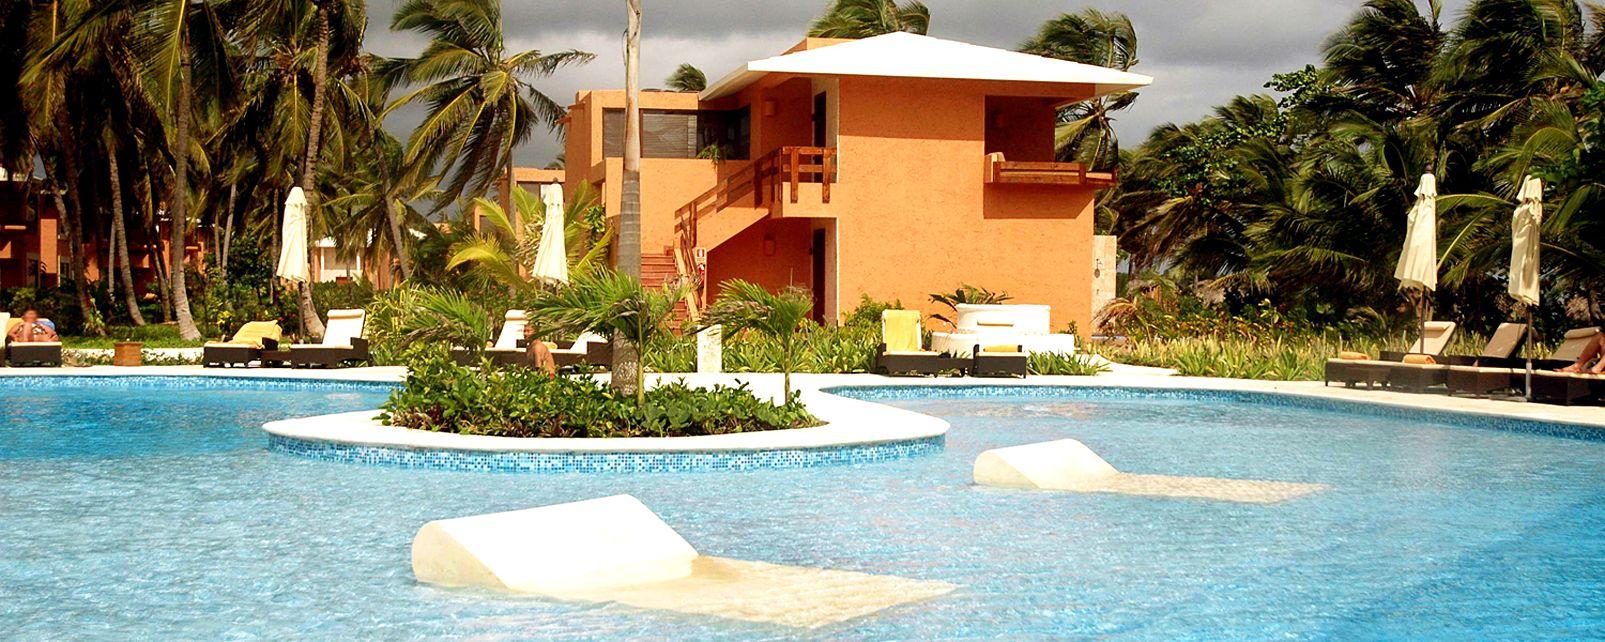 Hotel Sivory Punta Cana